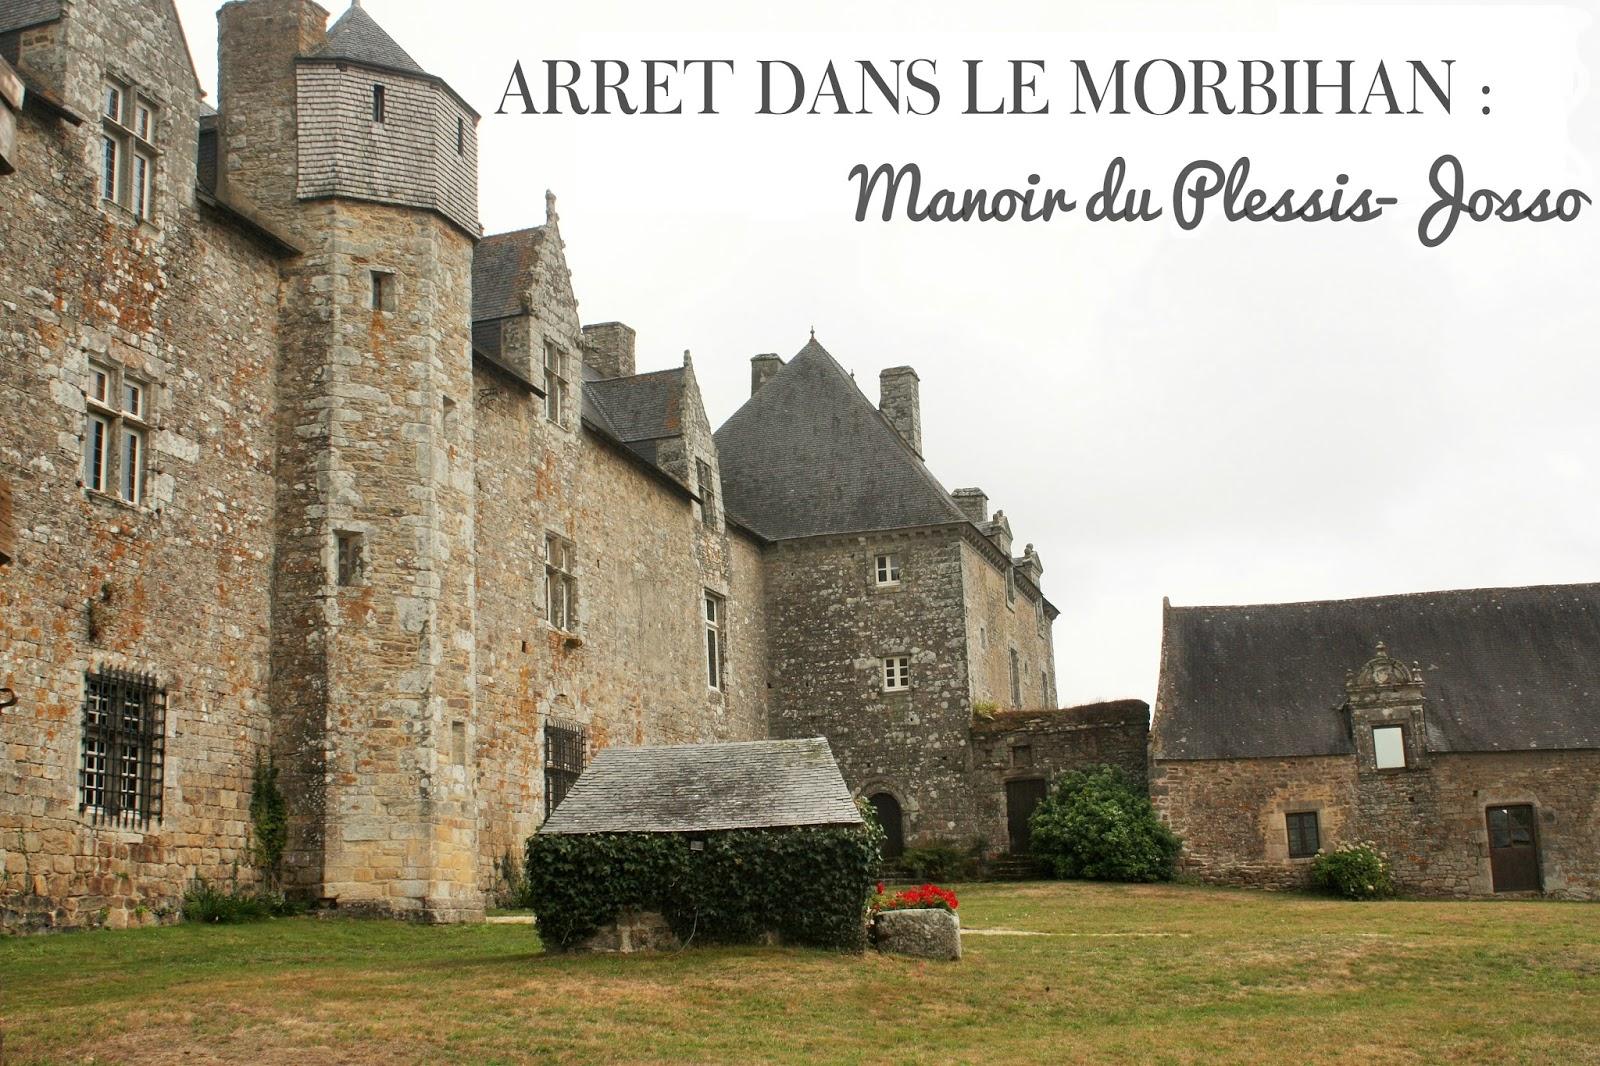 Morbihan le manoir du plessis josso mes petits carnets blog voyage esc - Manoir du petit plessis ...